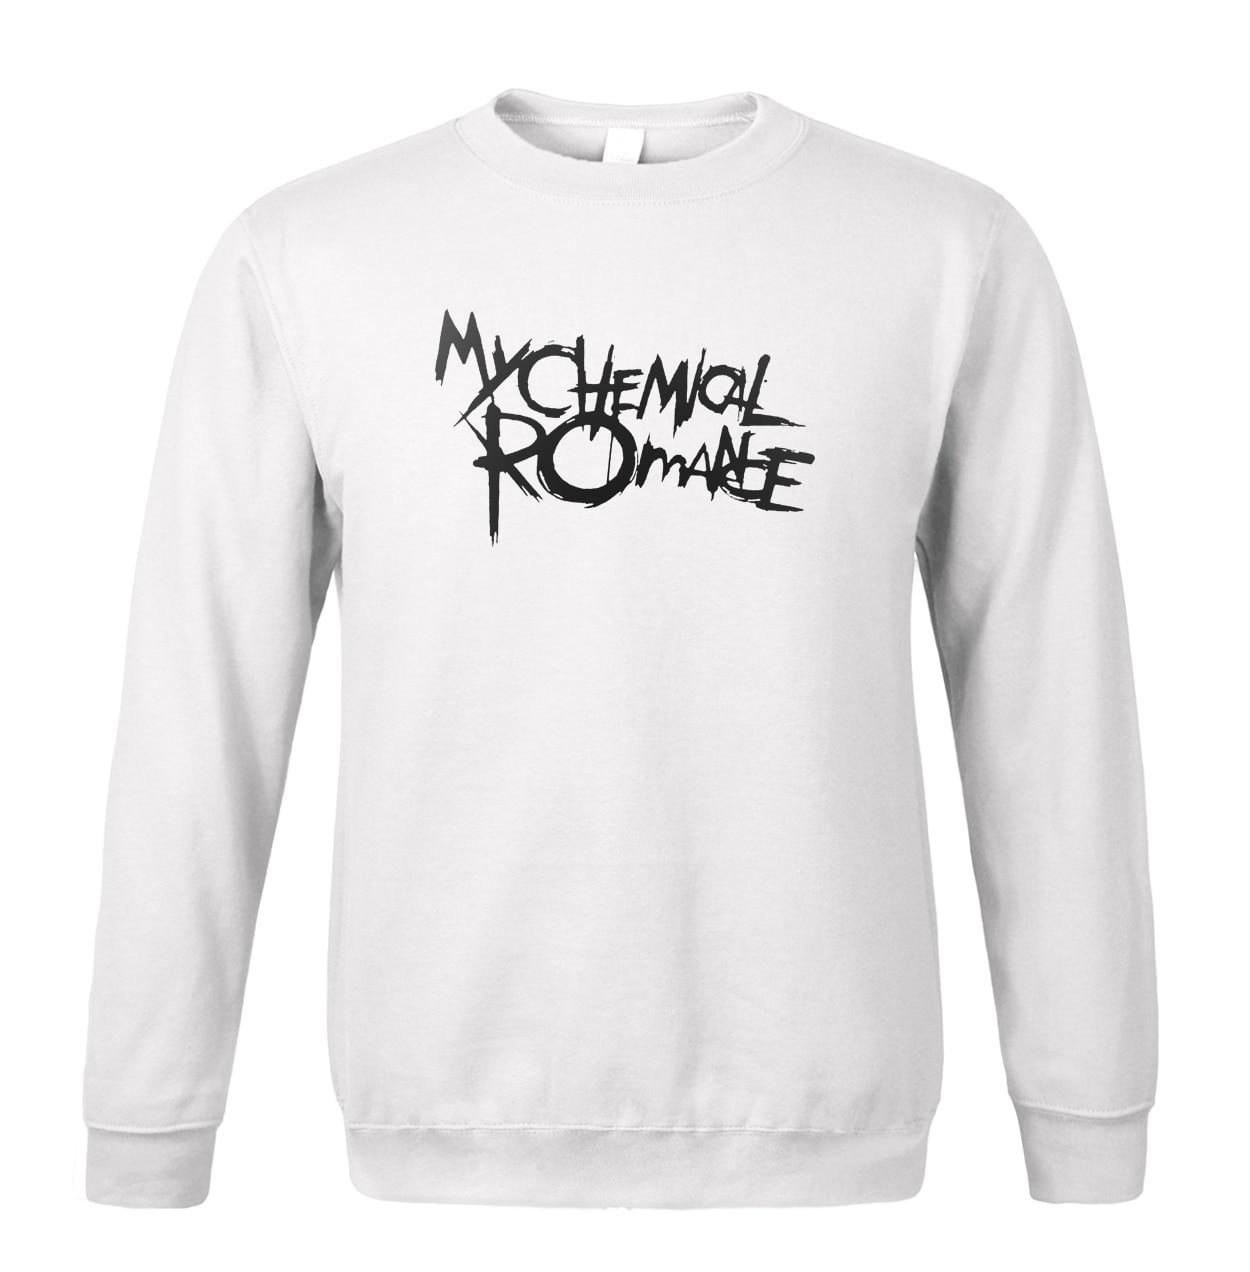 Usa punk bande My Chemical Romance vente chaude hommes sweat hoodies 2018 printemps hiver mode casual polaire à capuche hommes pour fans